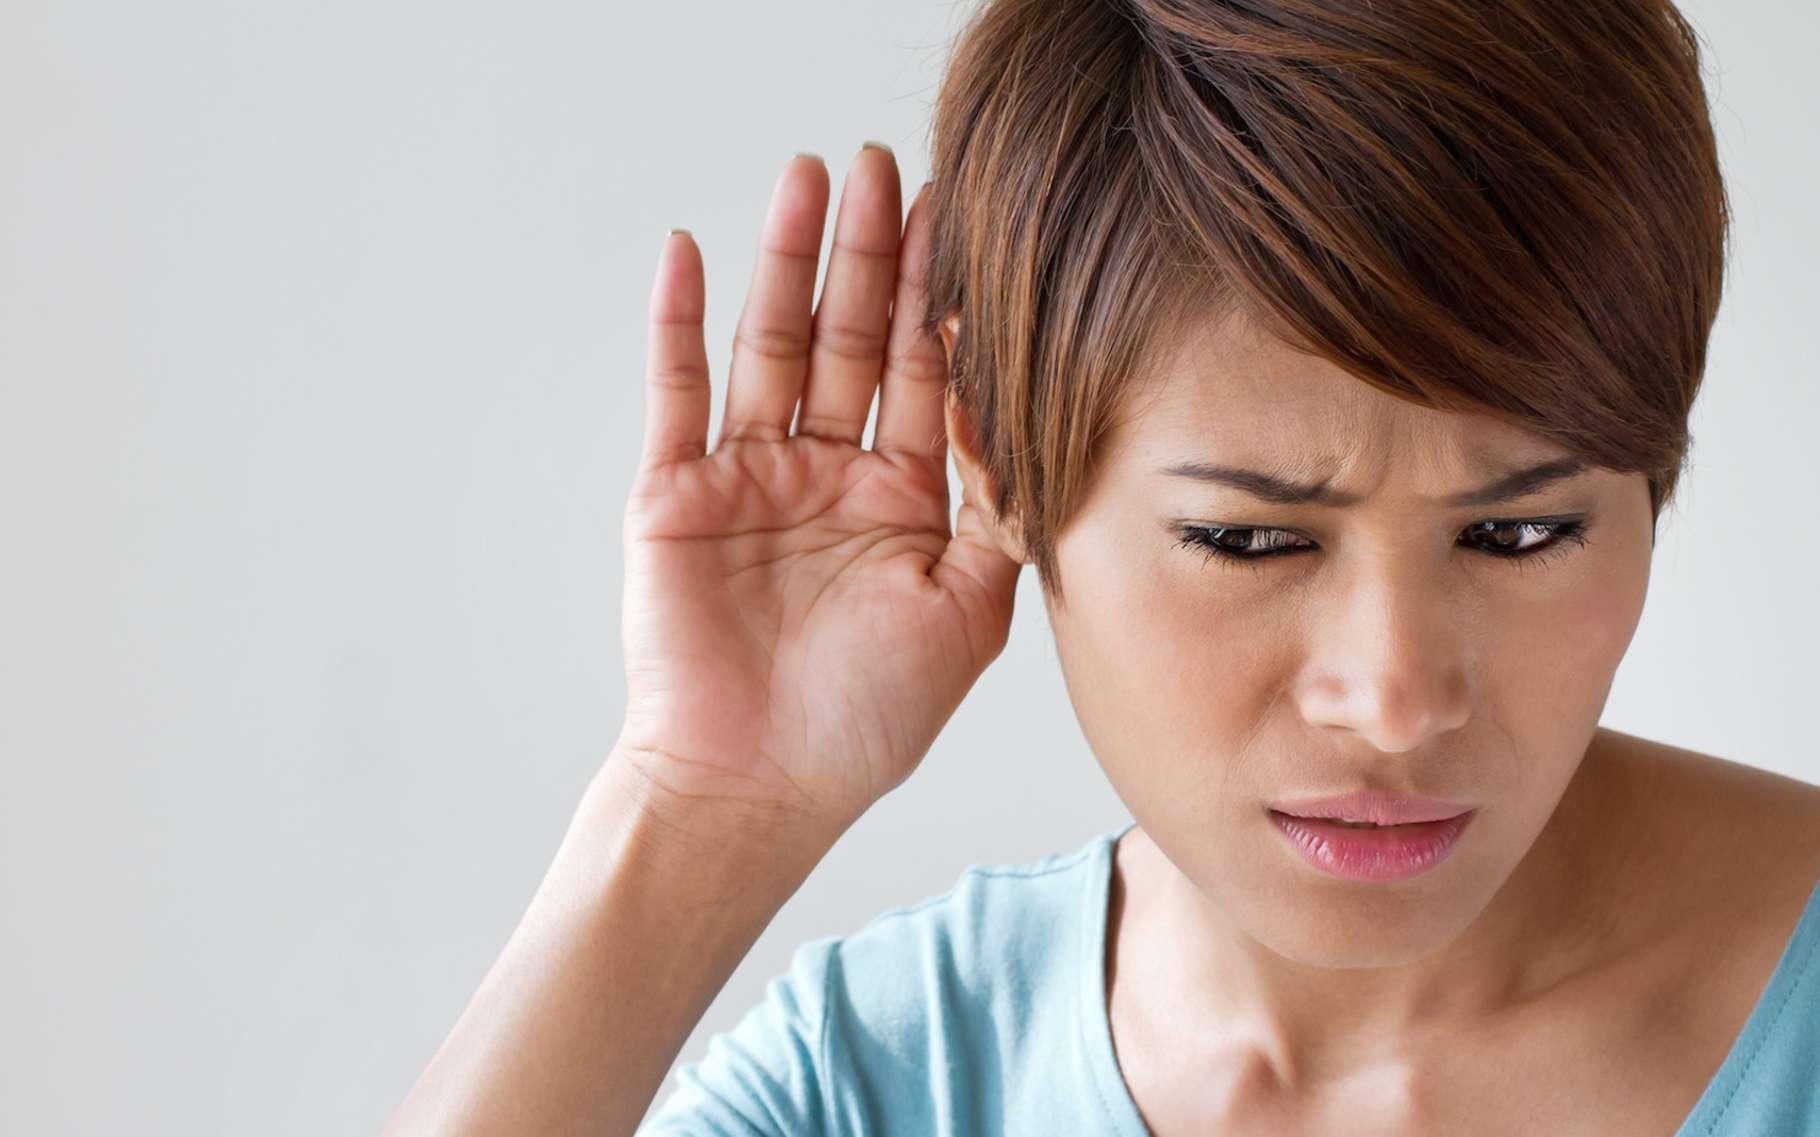 Vous entendez mal? Peut-être est-il temps de penser à choisir un appareil auditif. Mais ce n'est pas si simple. Plusieurs paramètres doivent être pris en compte. © 9nong, Fotolia